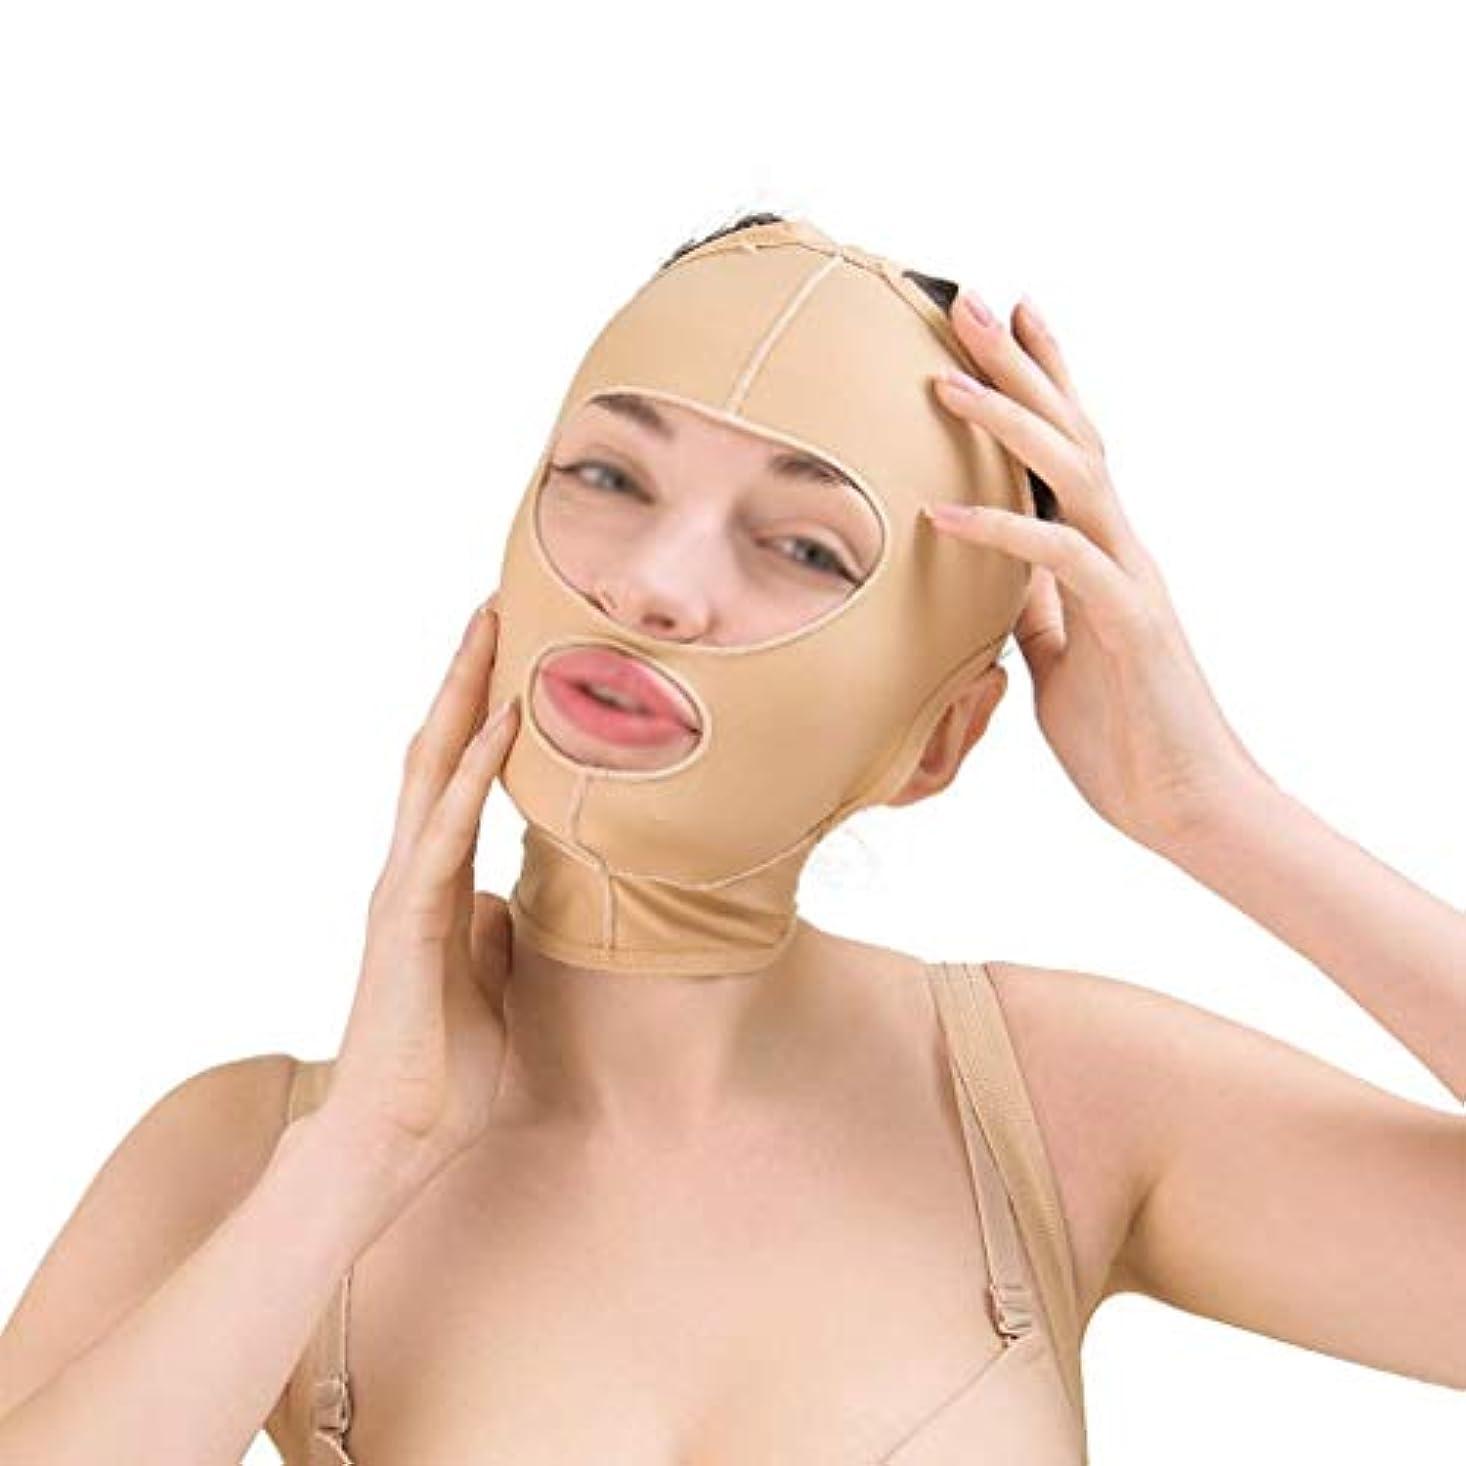 ファーザーファージュ重大統治可能美容フェイスリフト減量ベルト、ほおスリムフィット、通気性フェイスリフト、引き締め、リフティング包帯、フェイシャルスキン包帯(サイズ:M),L